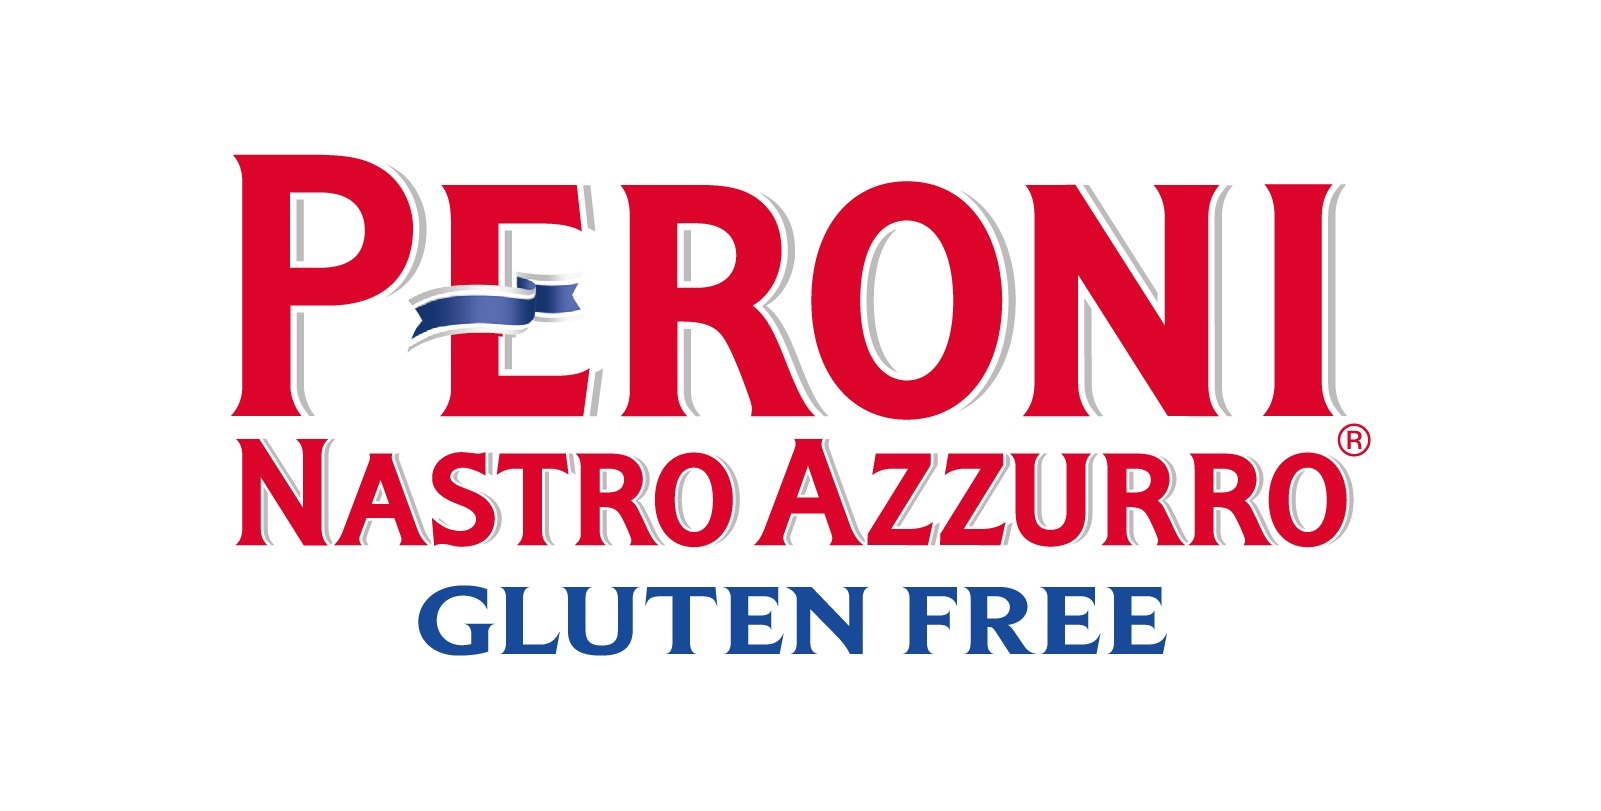 Peroni Nastro Azzurro Gluten Free